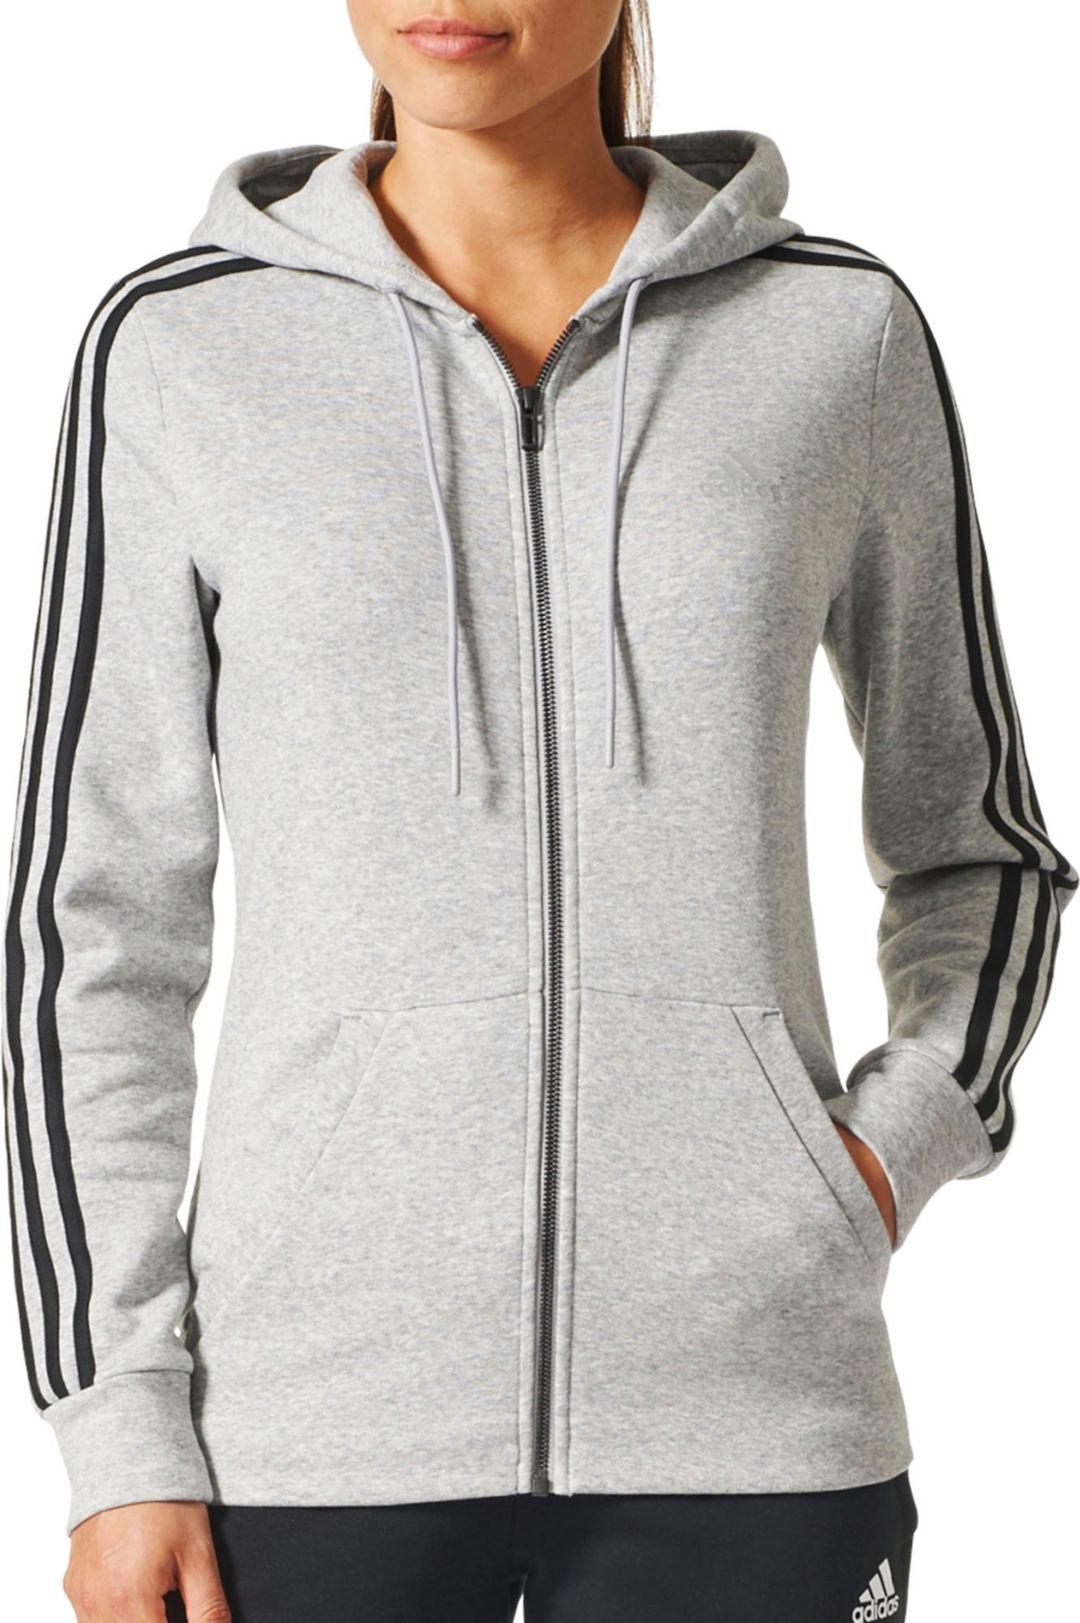 ee54bf86 adidas Women's Essentials Cotton Fleece 3-Stripes Full Zip Hoodie